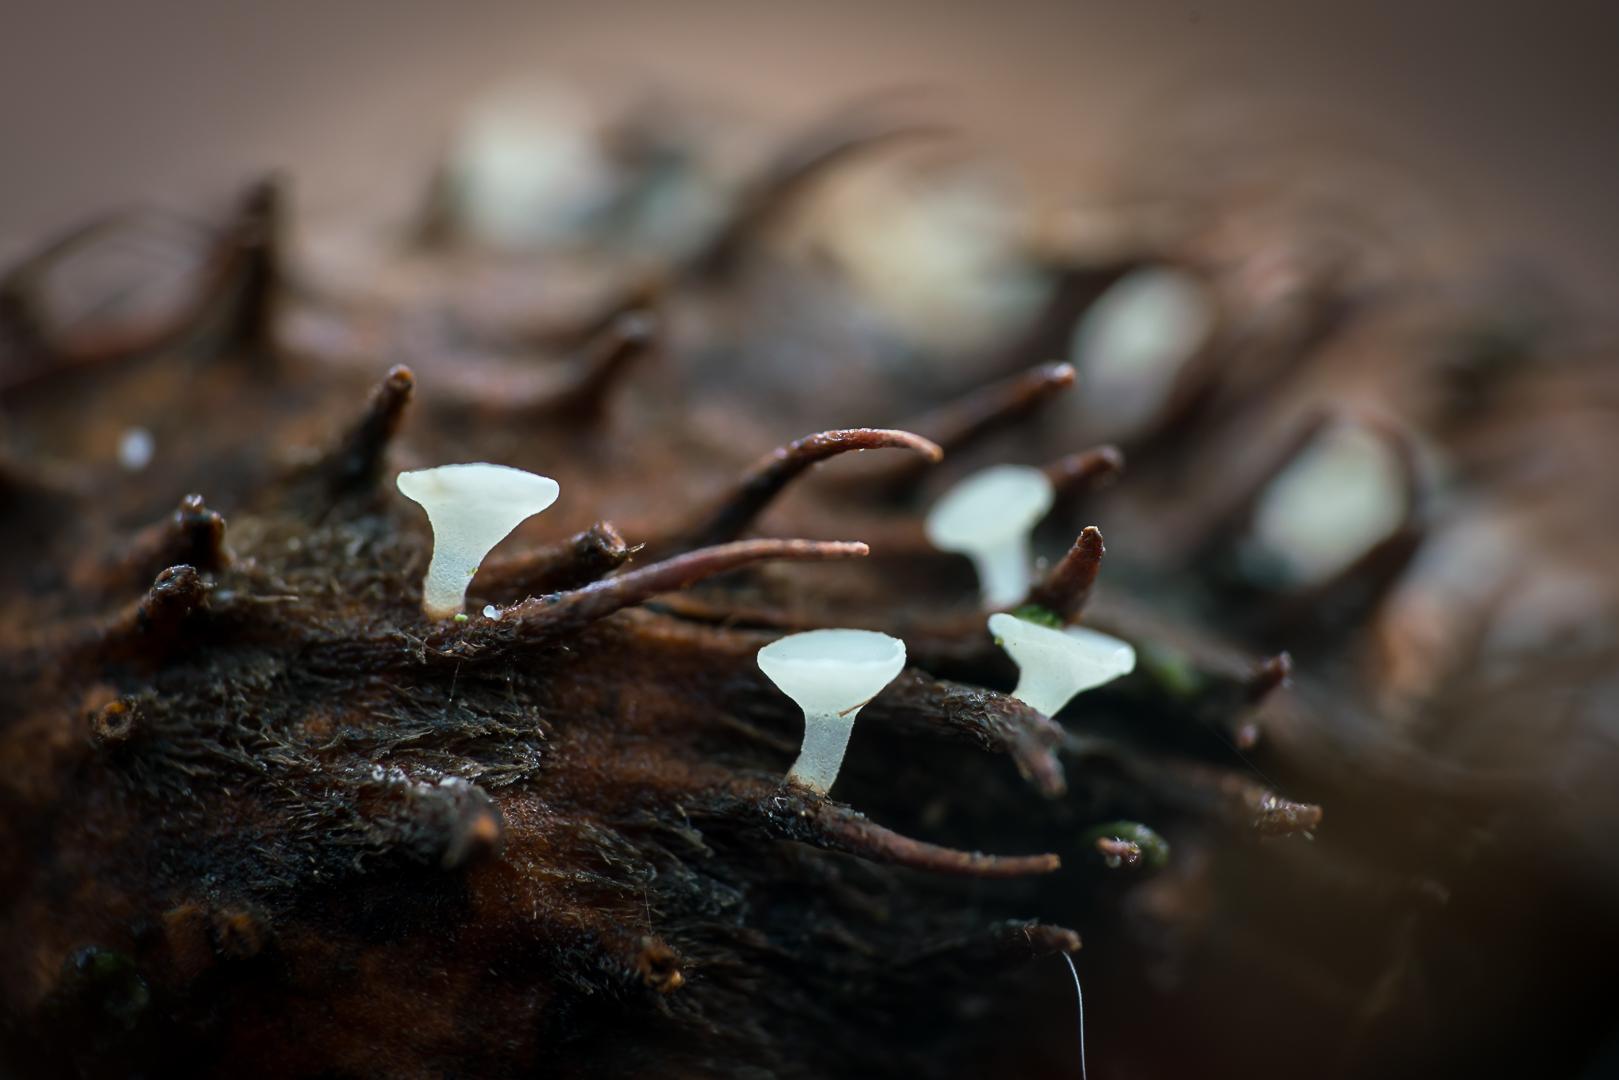 Hymenoscyphus fagineus - Beukennapvlieskelkje (2)